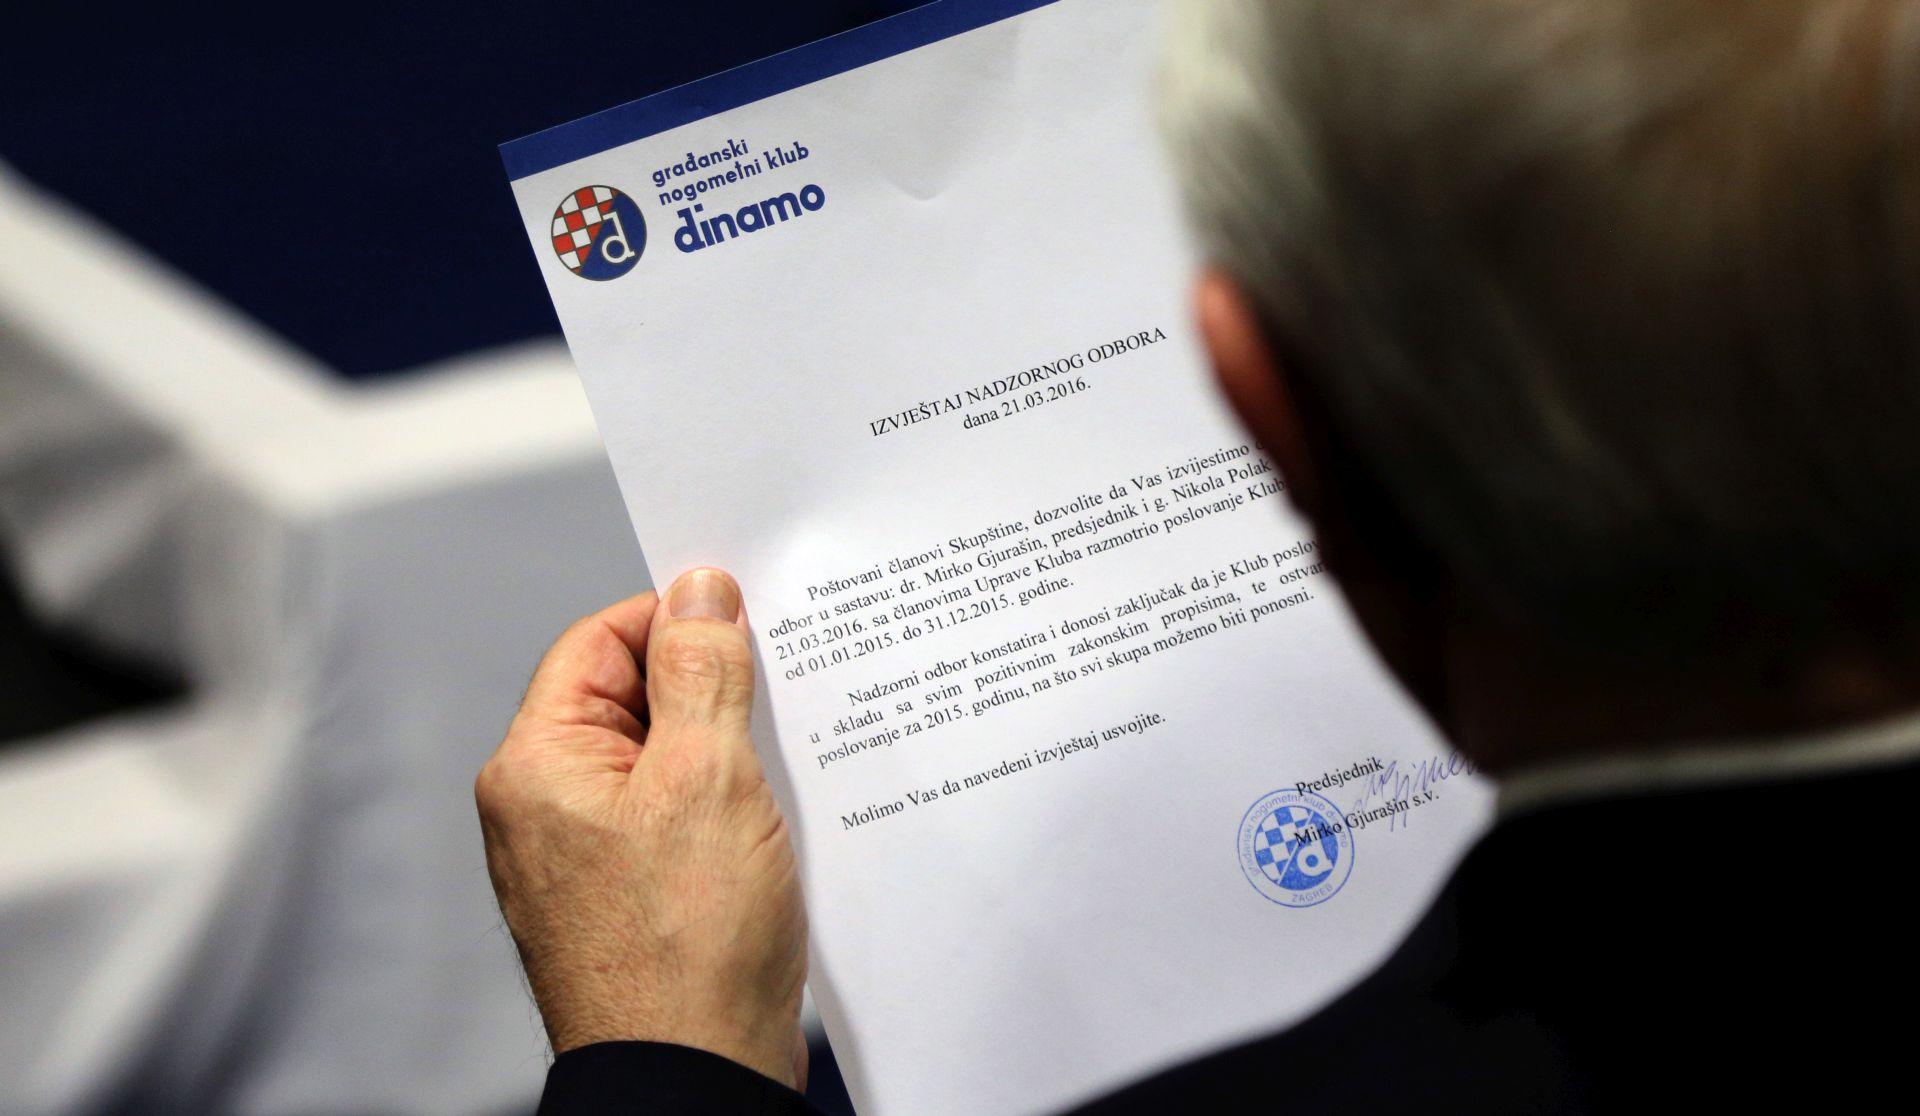 Dinamo oštro osudio jučerašnji napad na Zdravka Mamića